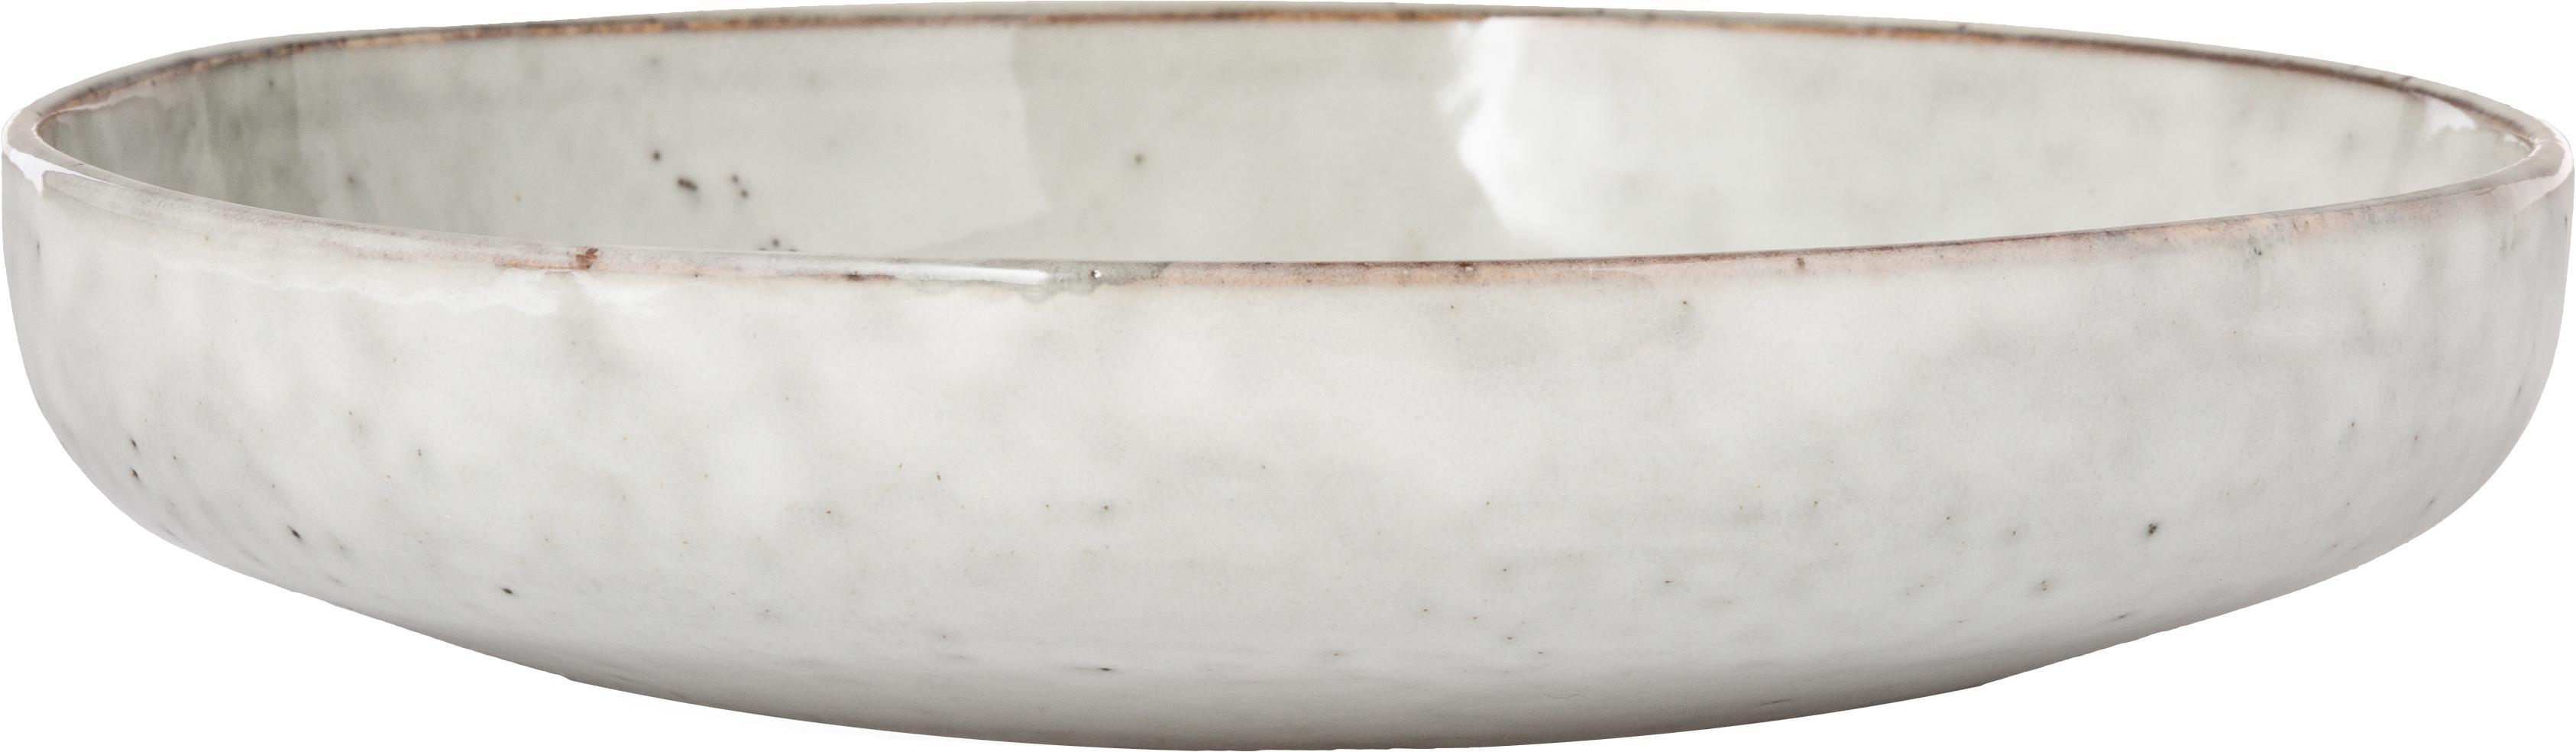 Handgemachte Schalen Nordic Sand Ø 22 cm aus Steingut, 4 Stück, Steingut, Sandfarben, Ø 22 x H 5 cm